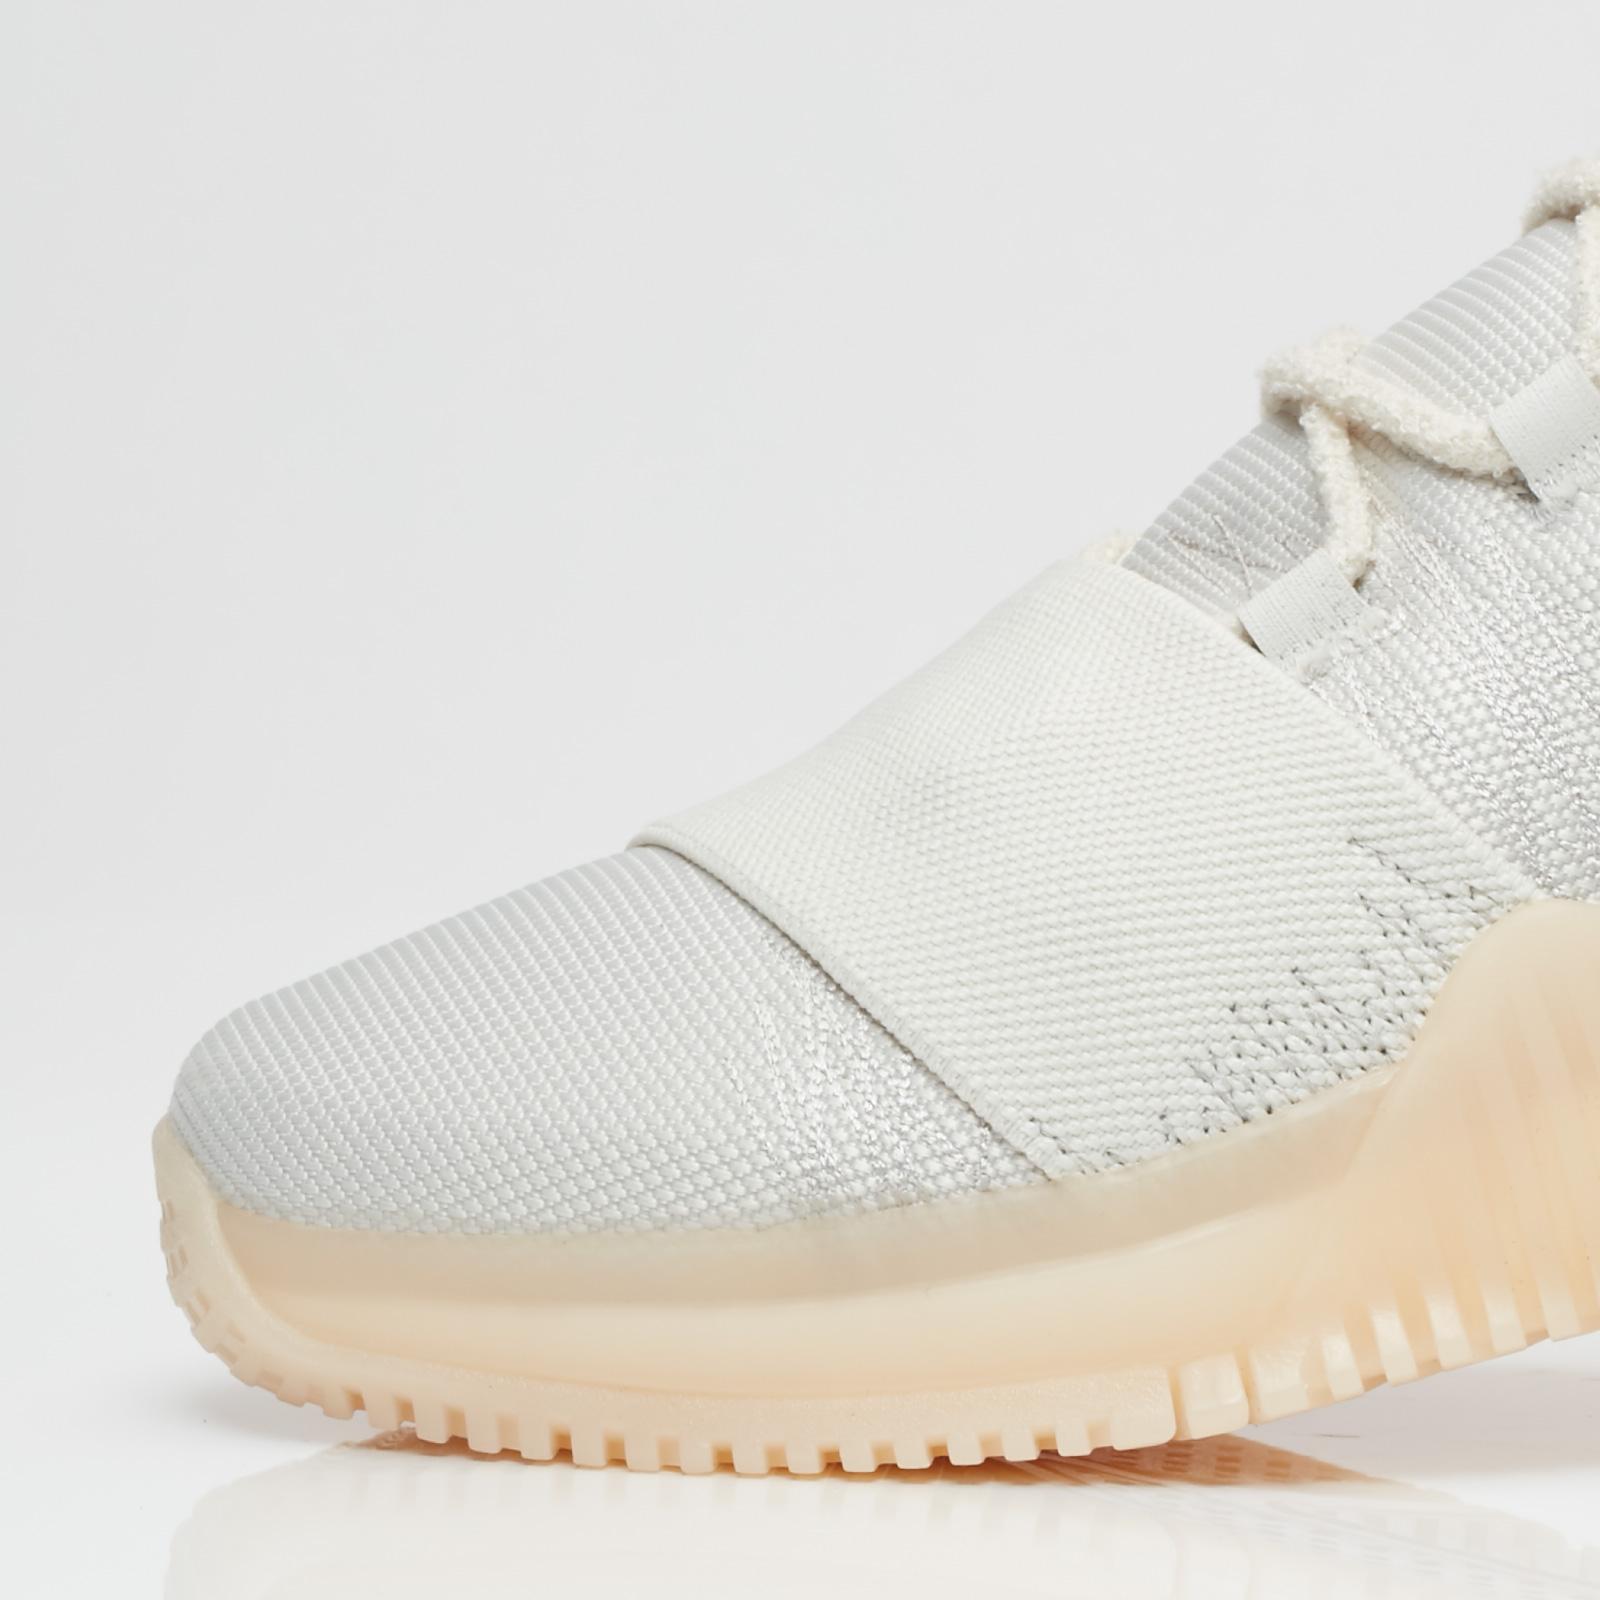 cheap for discount 0e682 00758 ... adidas Consortium ADO CrazyTrain ...